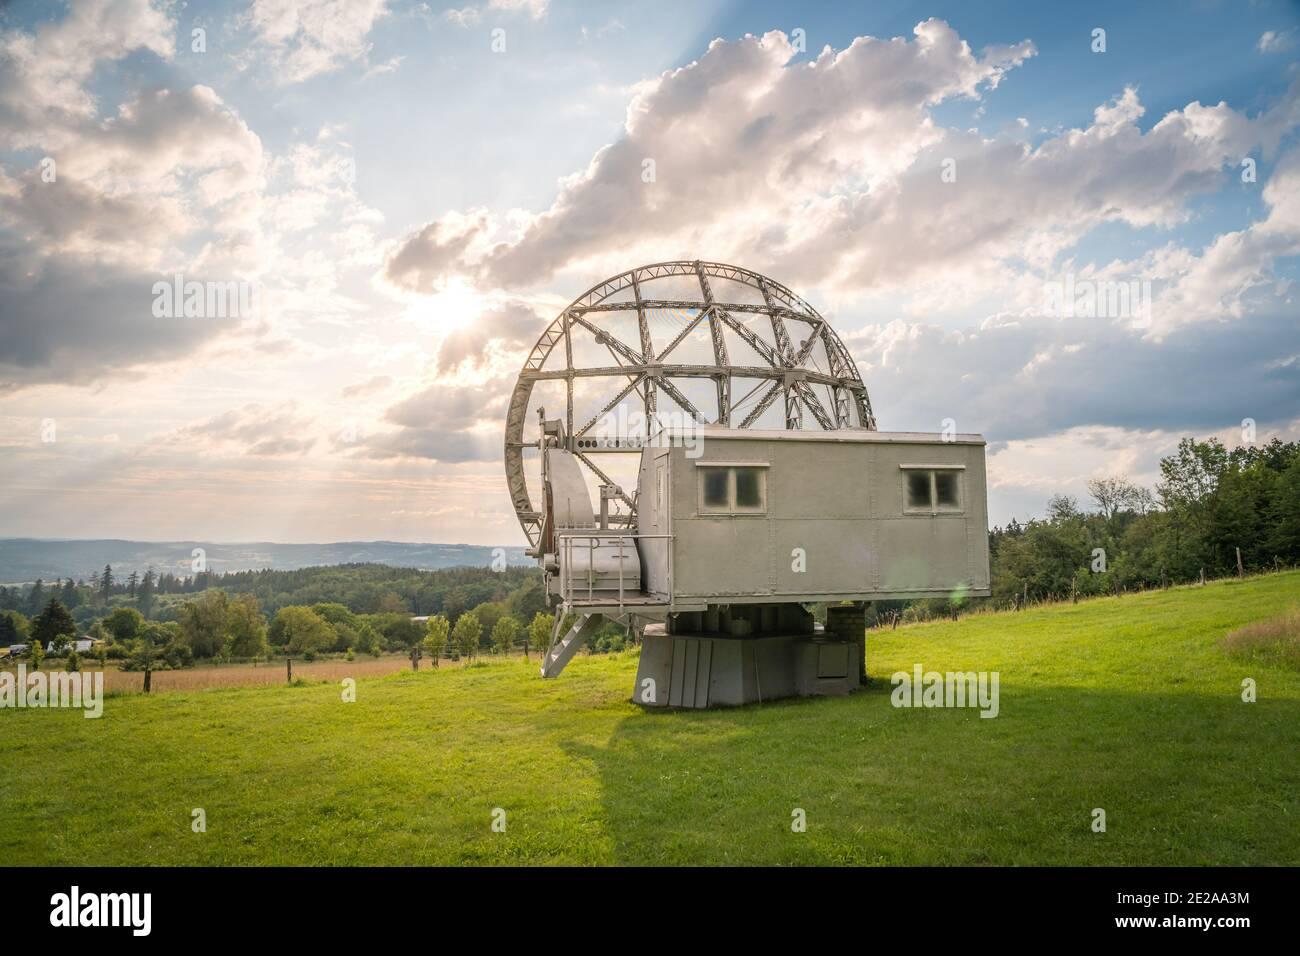 Antena parabólica en un paisaje veraniego, radiotelescopio para la investigación espacial profunda. Observatorio Ondrejov, república Checa. Foto de stock